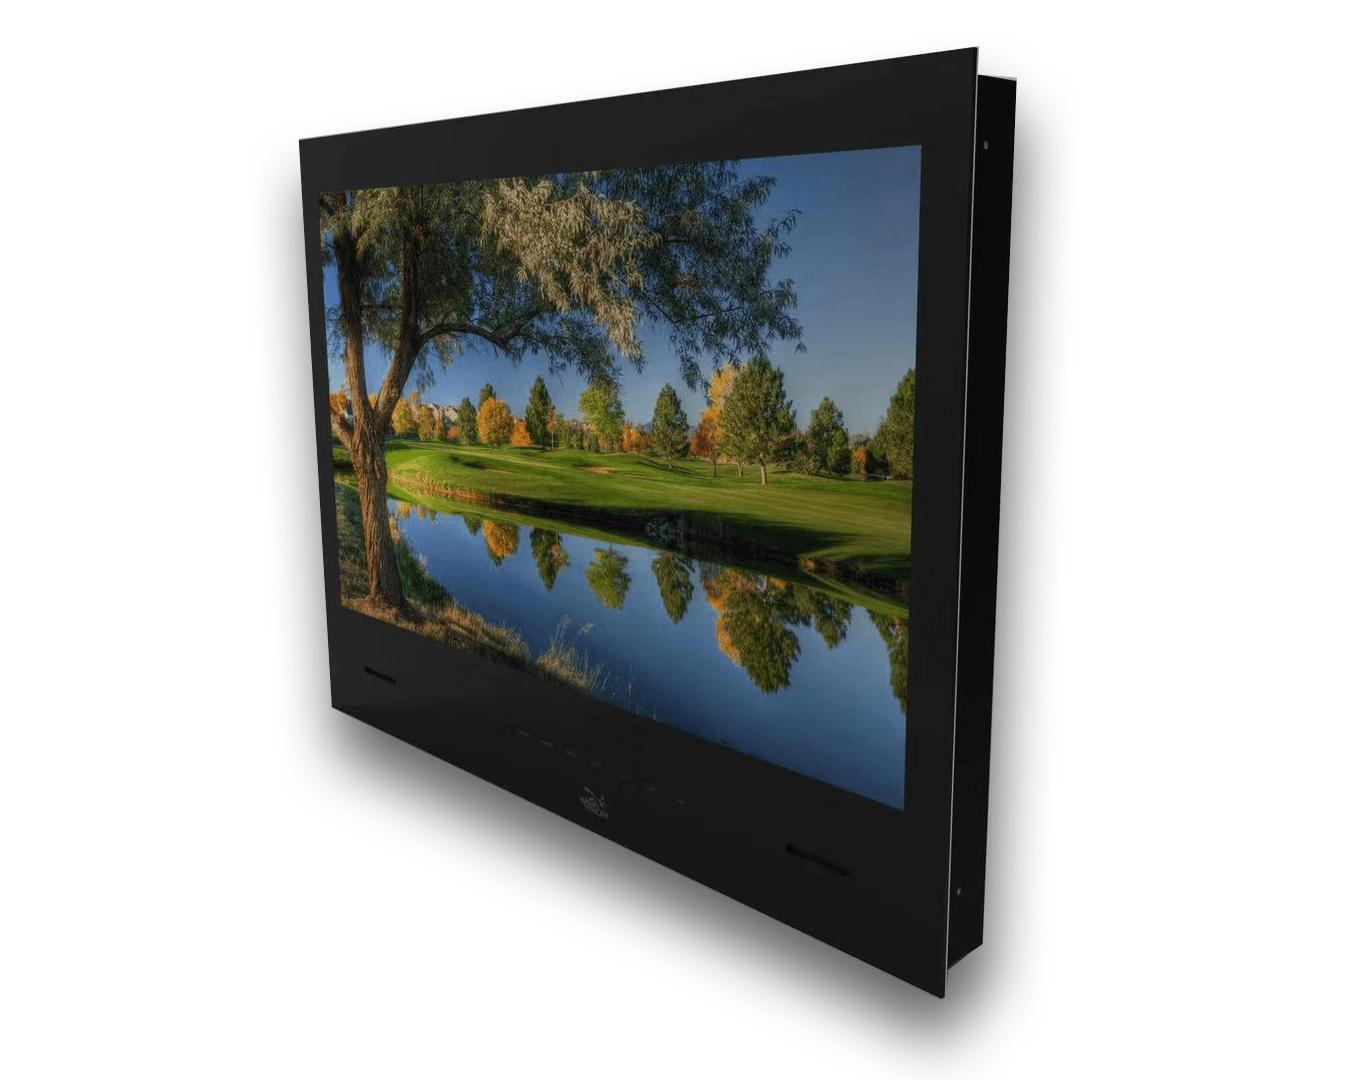 Badezimmer TV SplashVision ESI-27